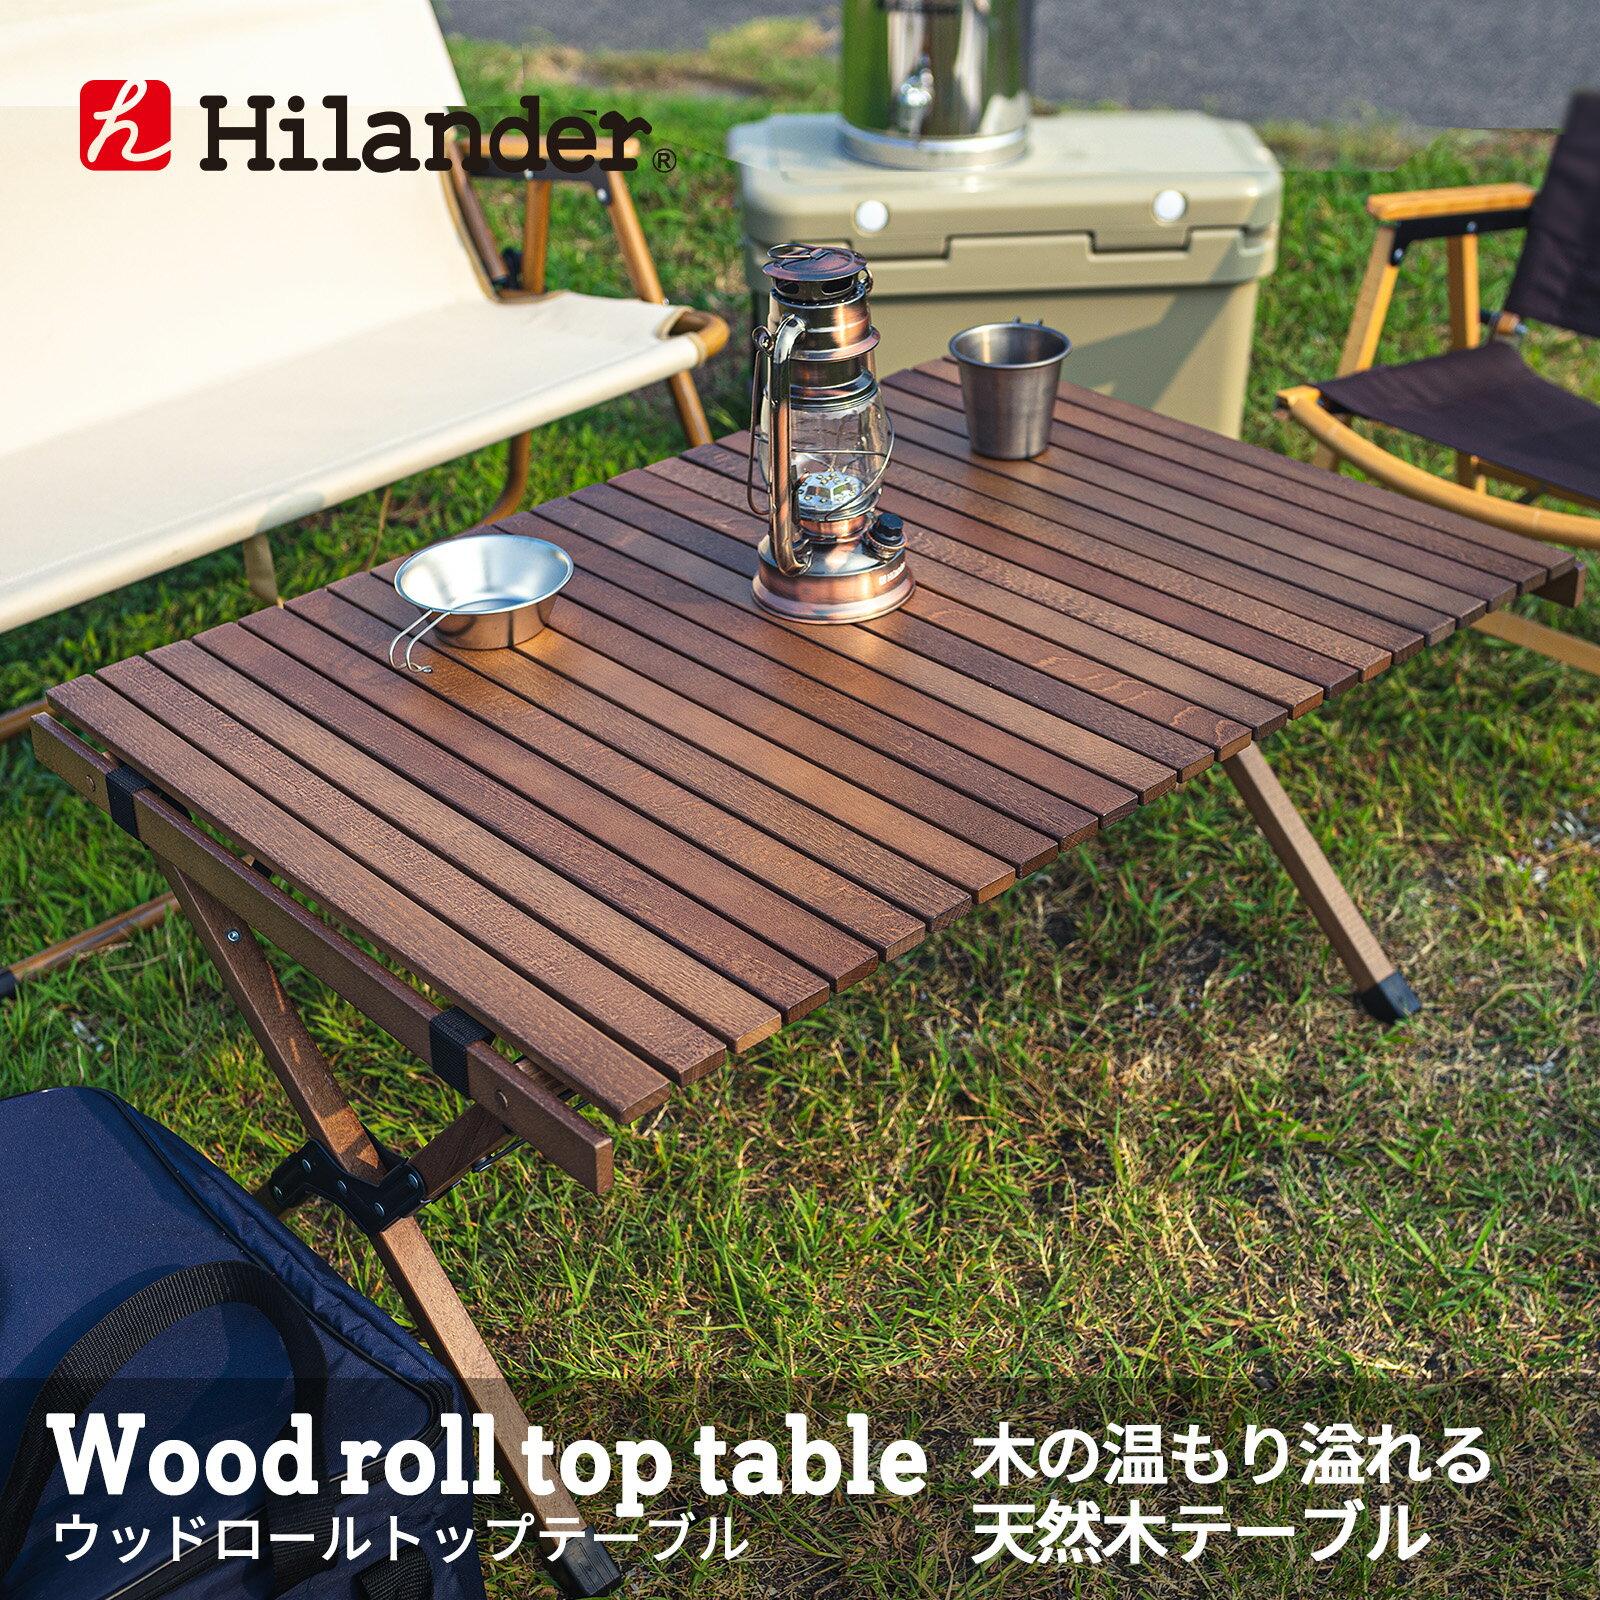 Hilander(ハイランダー) 【限定モデル】ロールトップテーブル2(ウッド) 90 ダークブラウン HCA0219